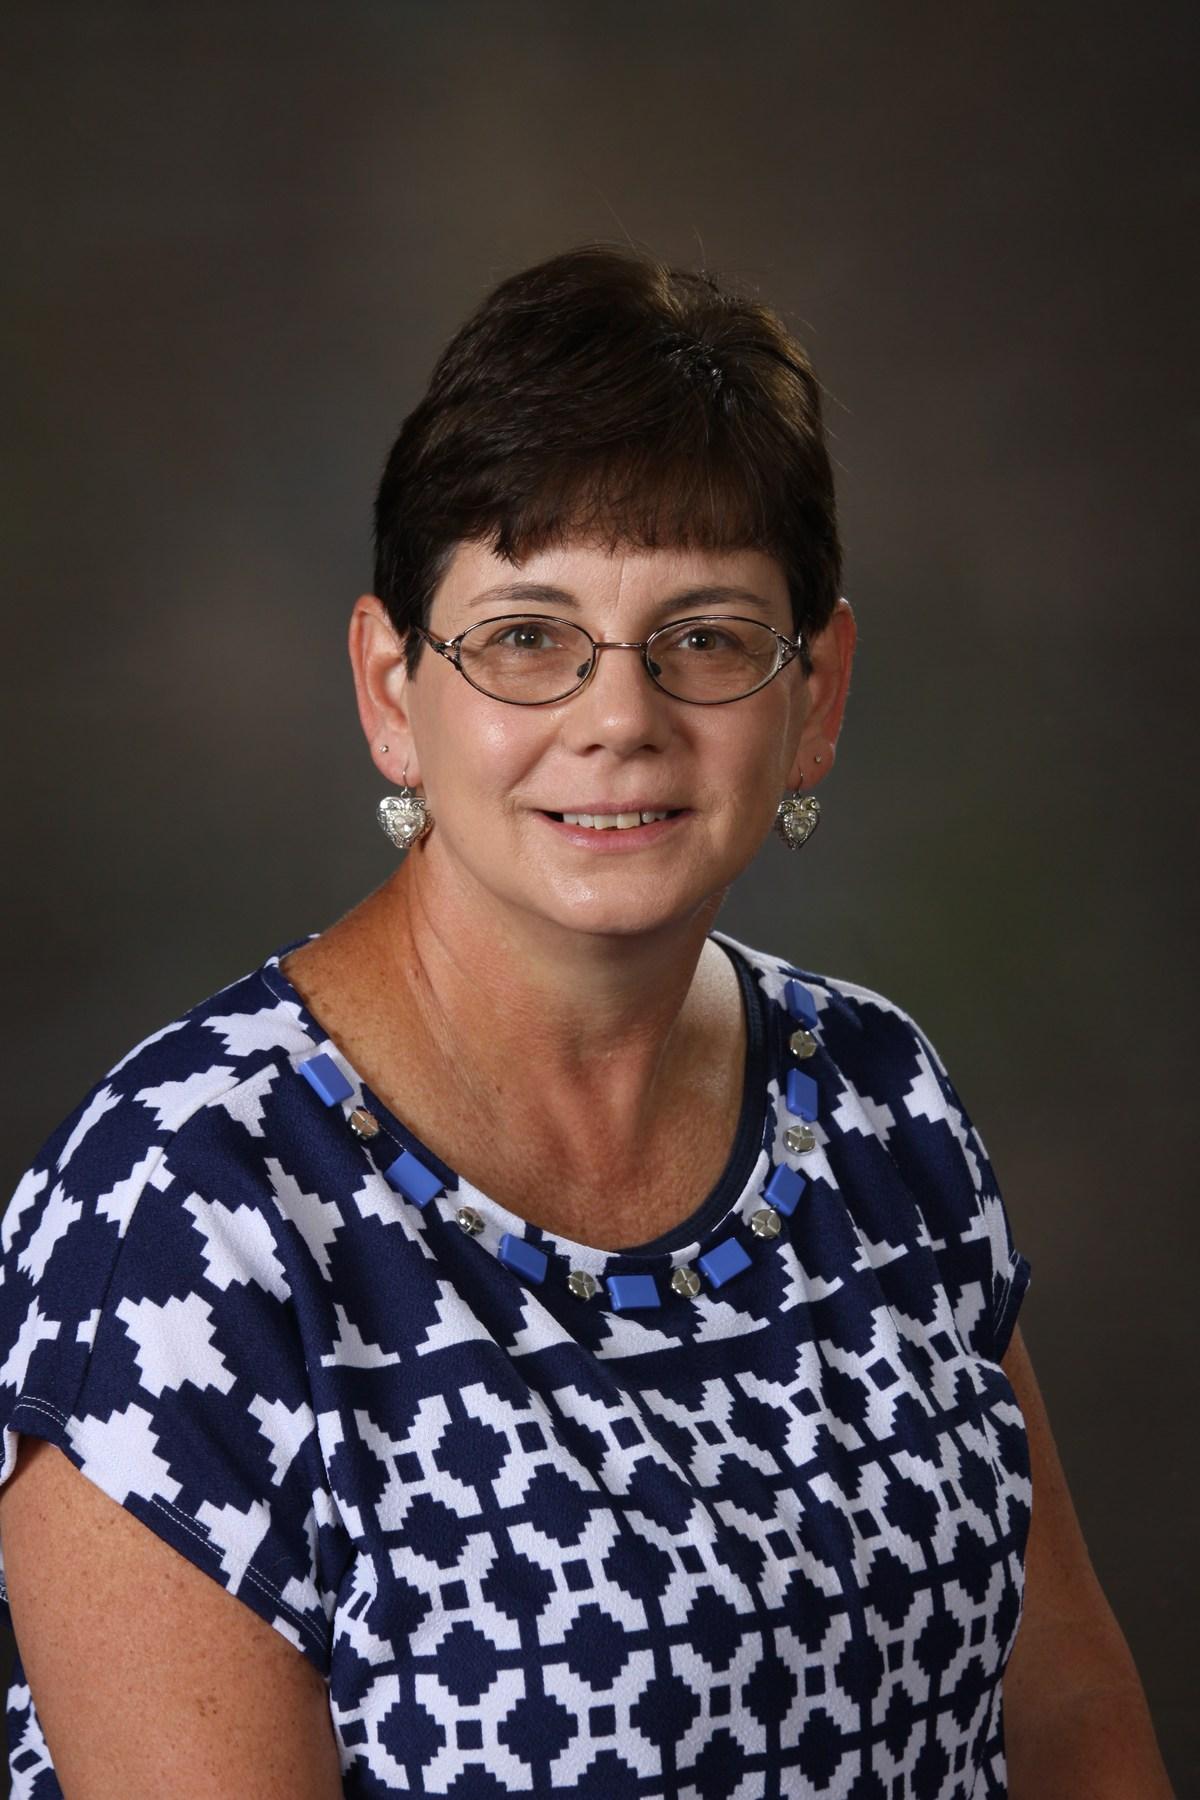 Ms. Vandervort